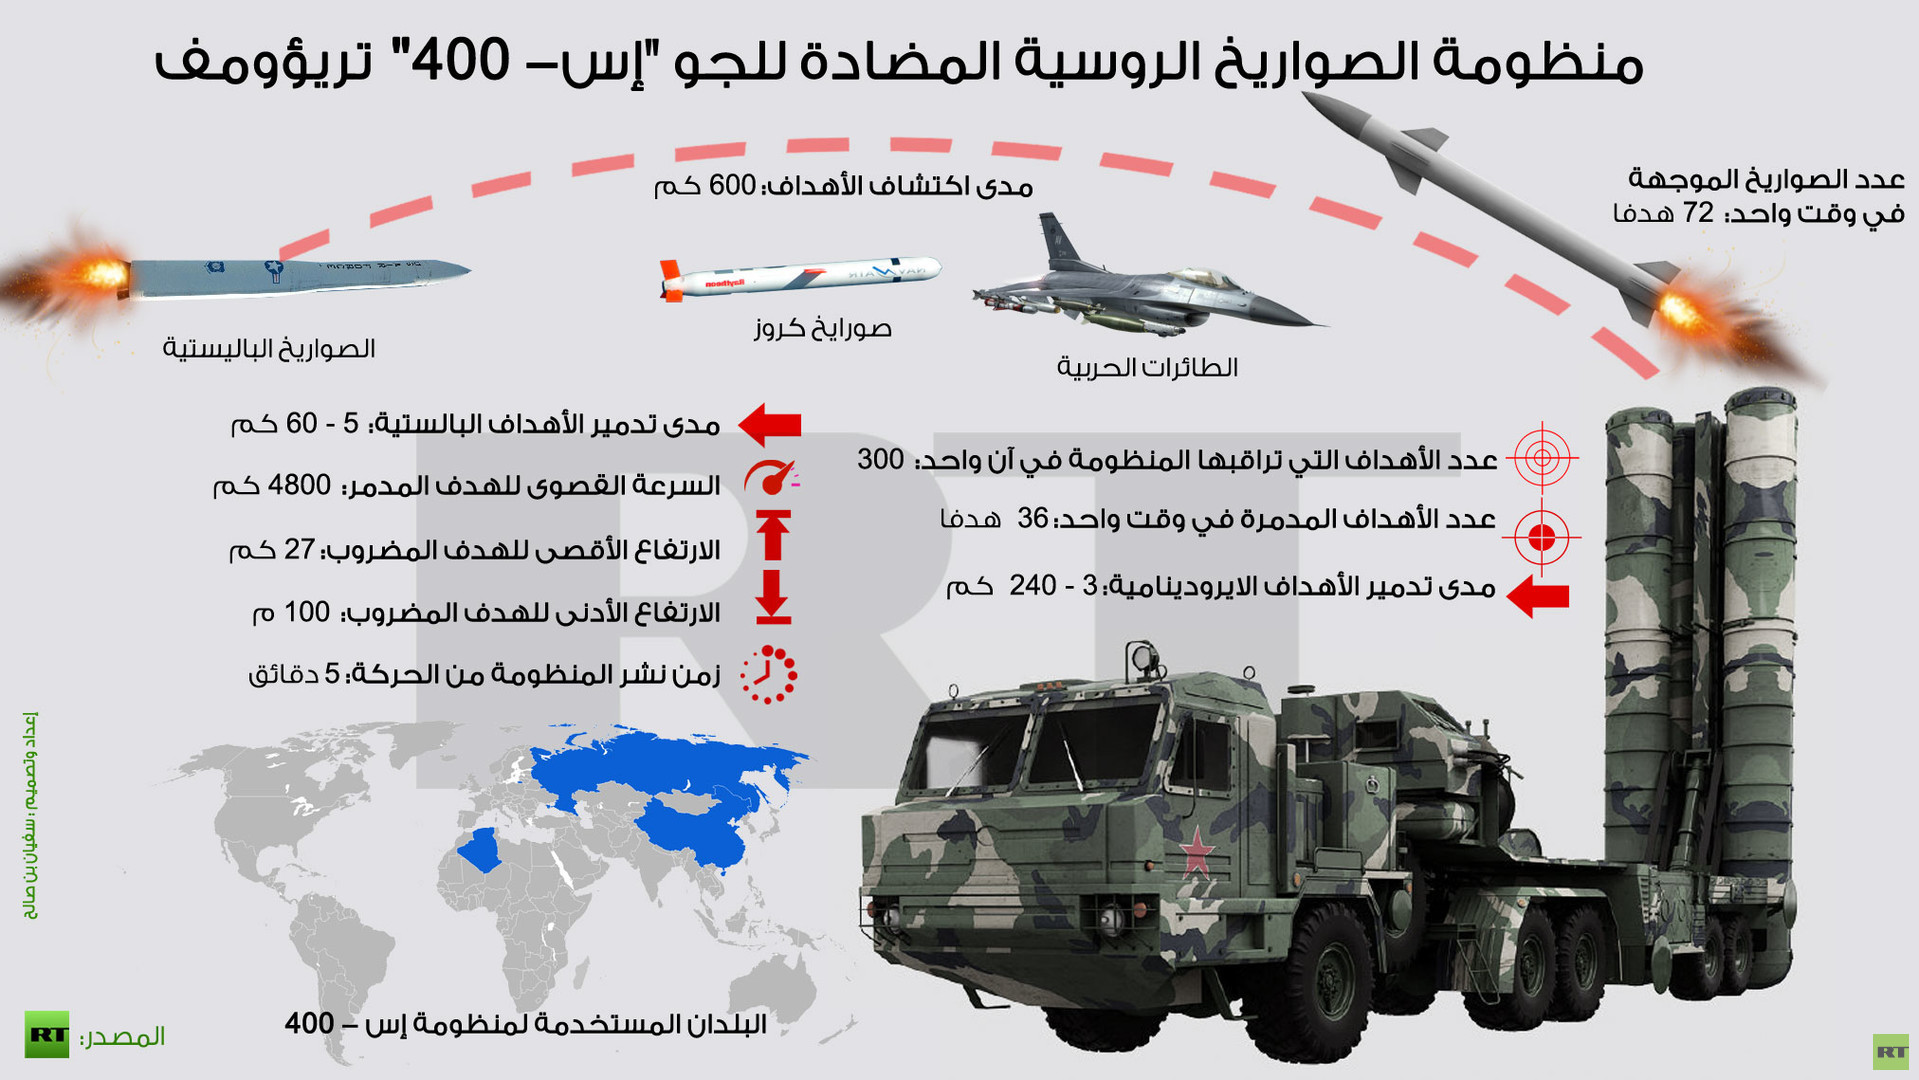 الجزائر تقتني منظومات الدفاع الجوي [  S-400 ]   - صفحة 5 6252455640c8cdc361885c048b4619